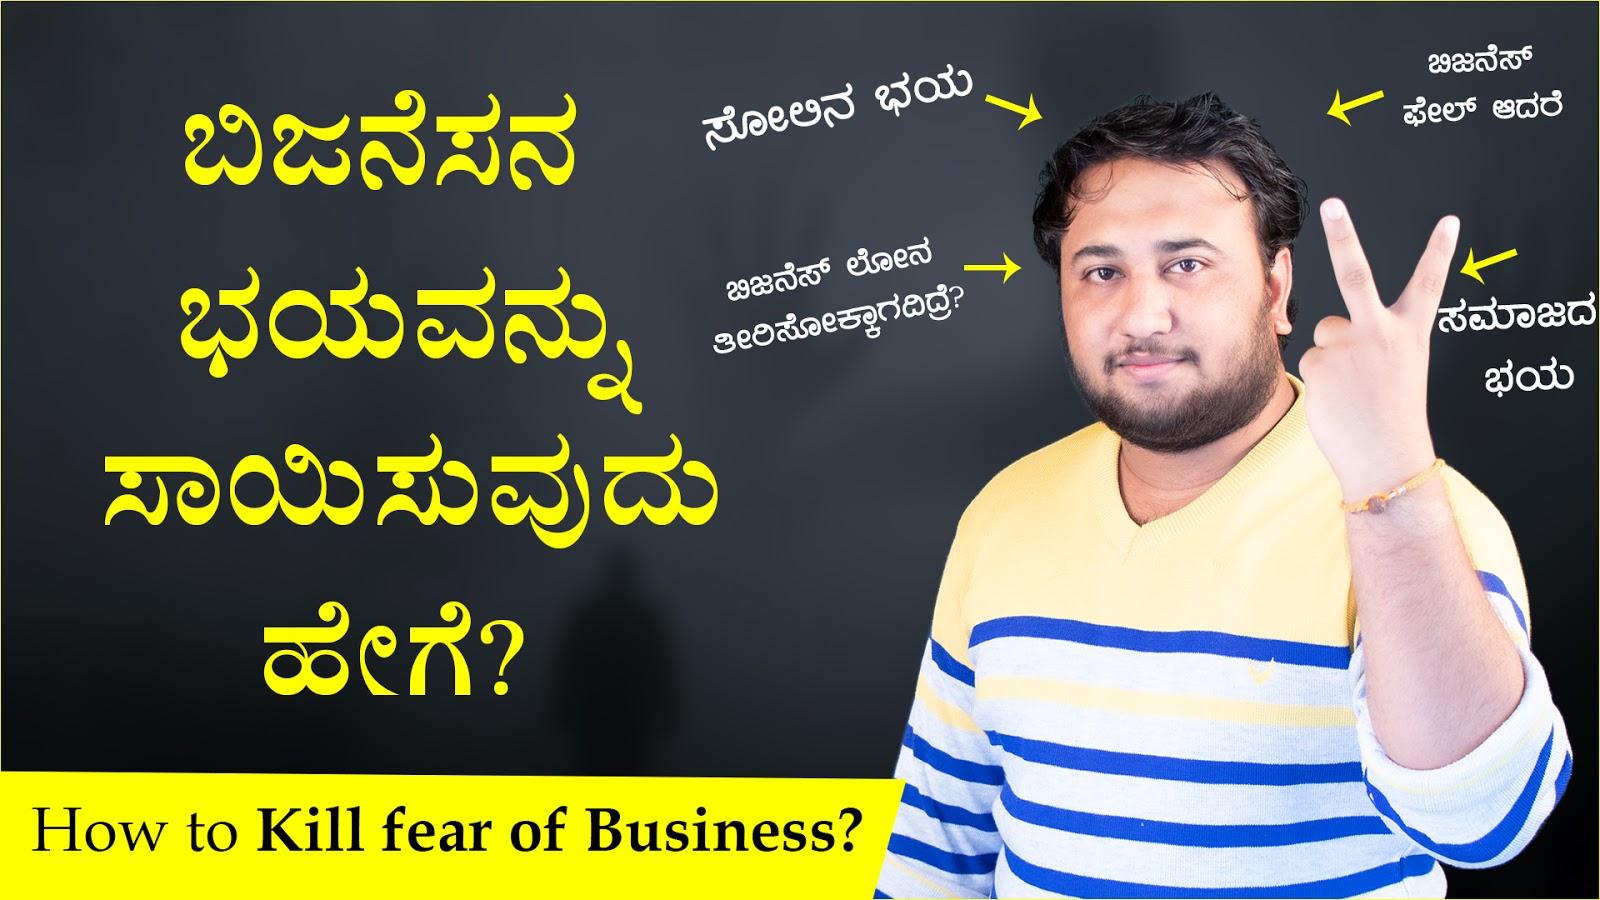 ಬಿಜನೆಸನ ಭಯವನ್ನು ಸಾಯಿಸುವುದು ಹೇಗೆ? How to Kill fear of Business?